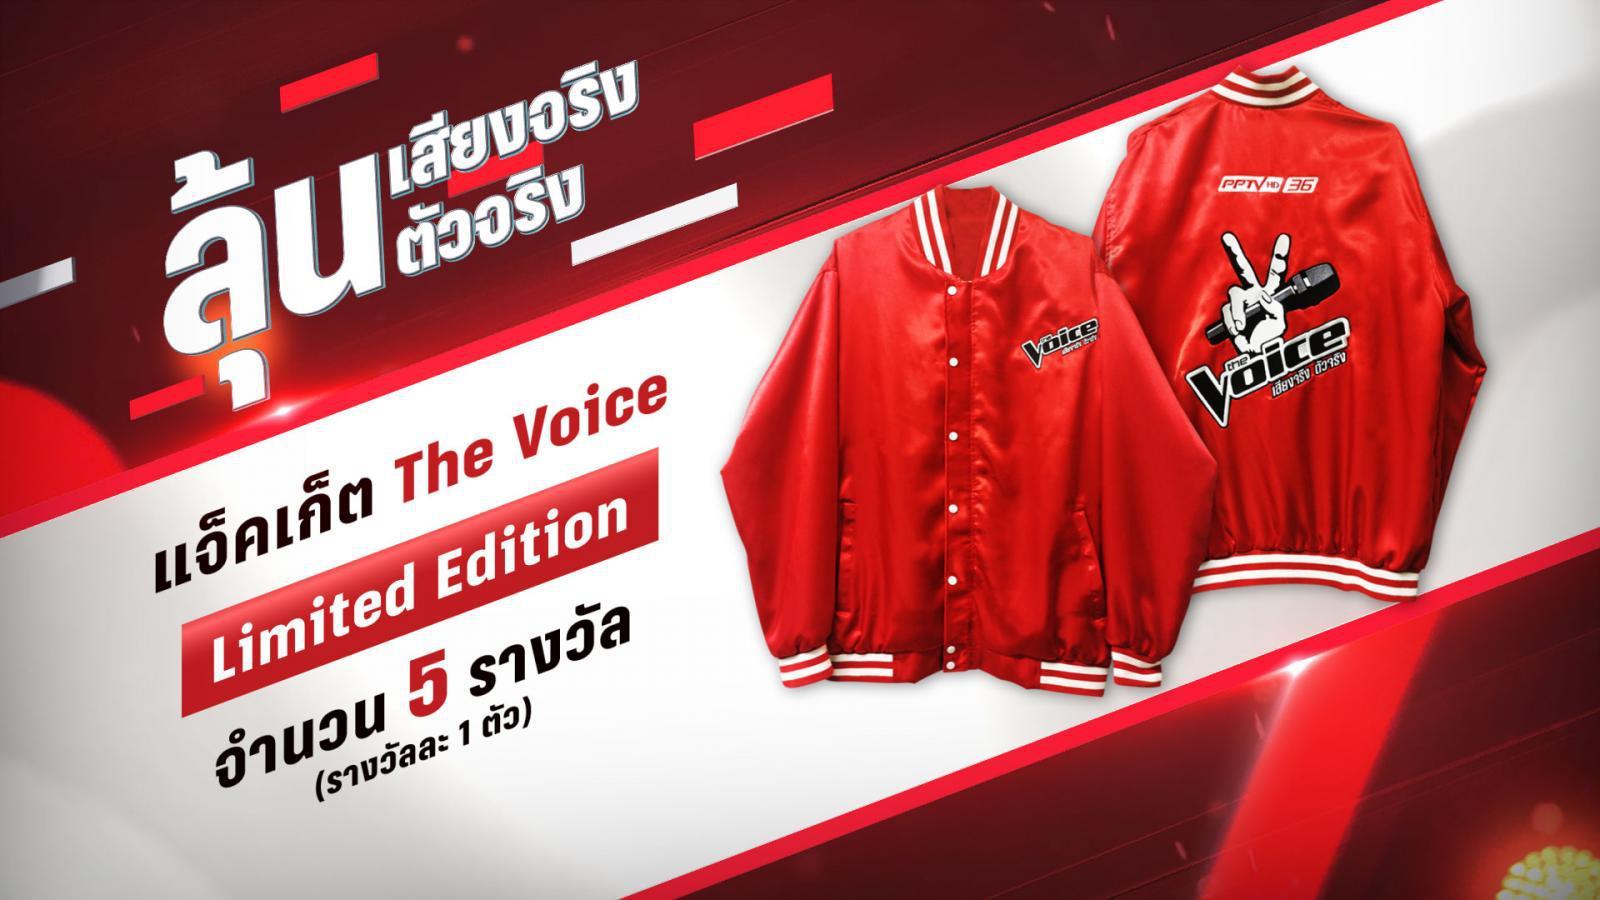 กิจกรรม ลุ้นเสียงจริง ตัวจริง  The Voice Kids ร่วมสนุกชิงรางวัล เสื้อ Jacket The voice Limited Edition